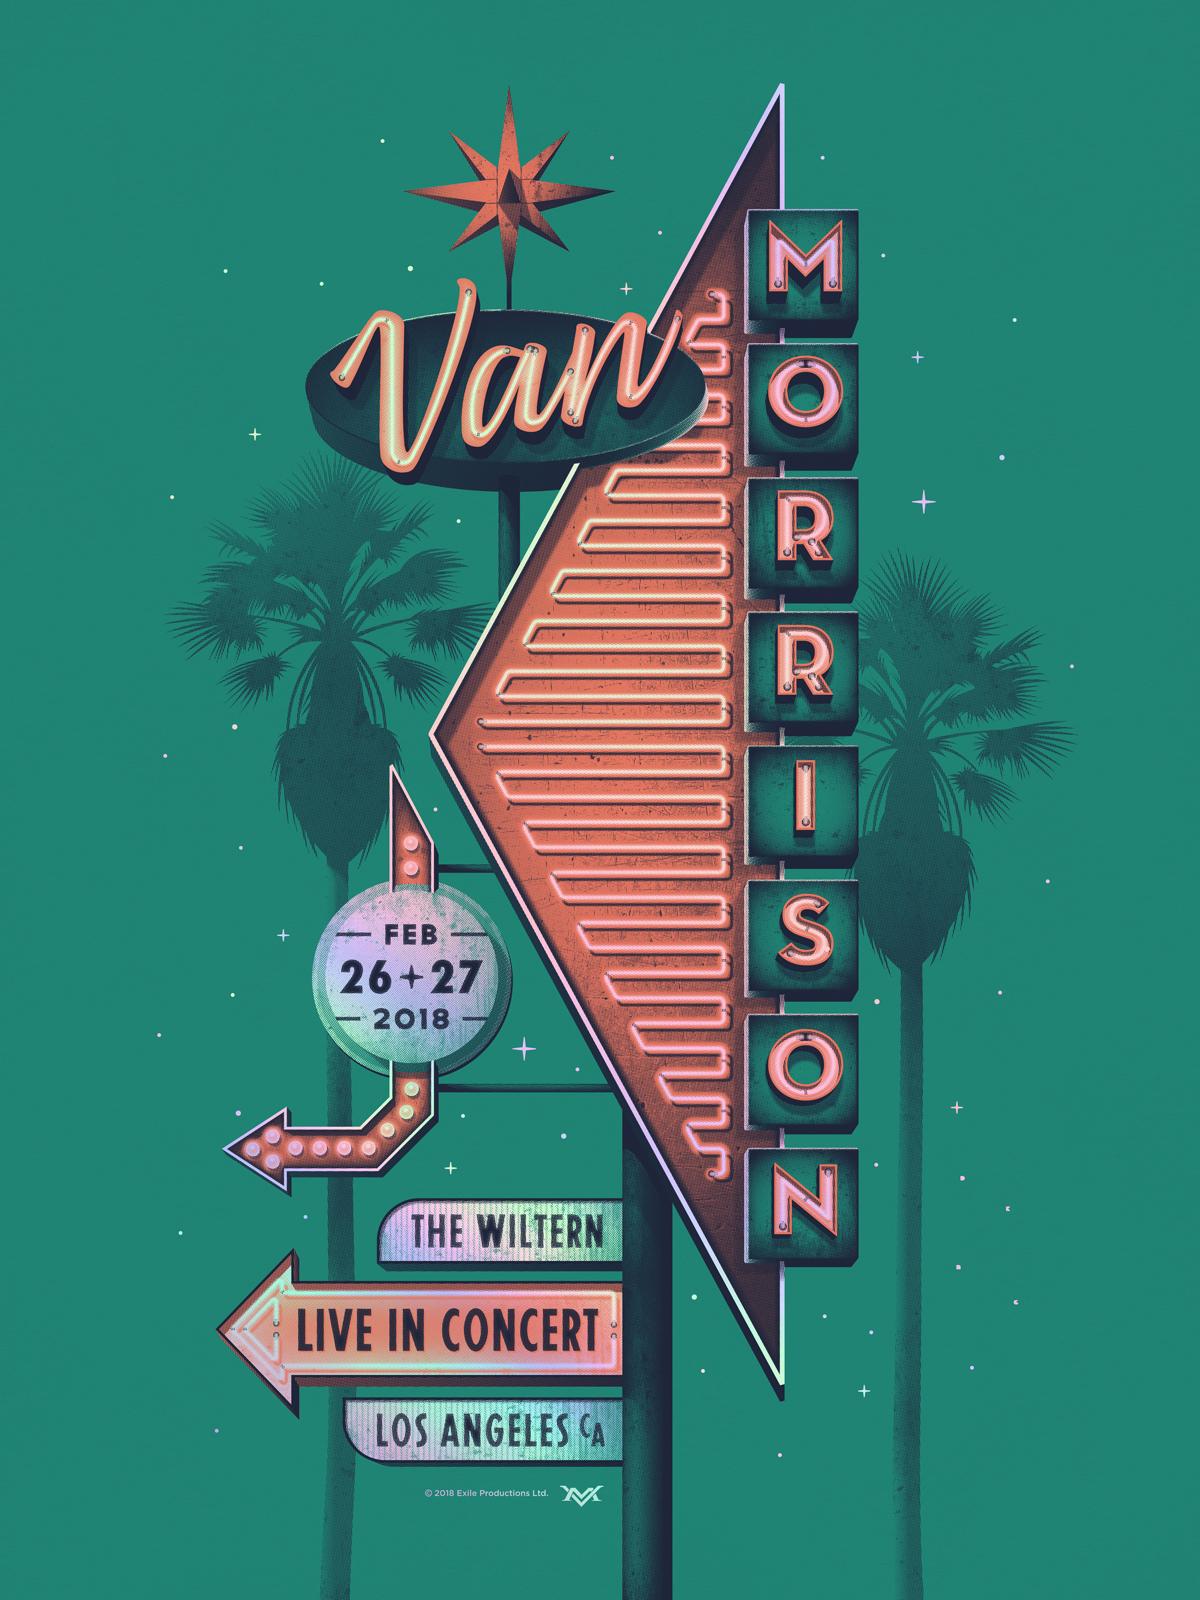 Van+Morrison+Poster+by+DKNG.jpg